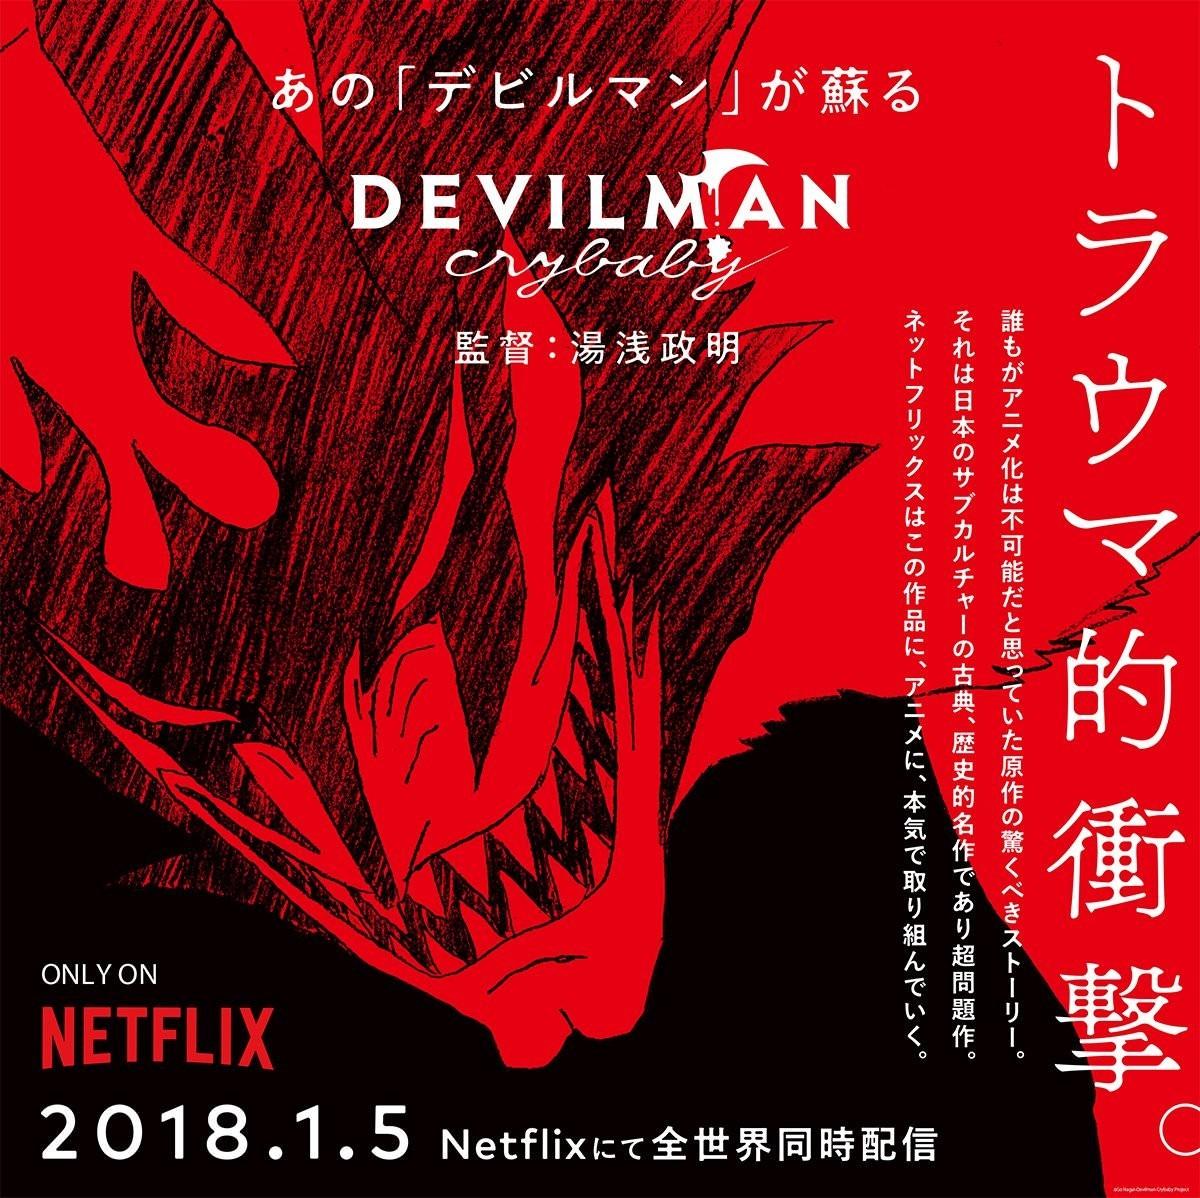 Devilman crybaby, il colpo di reni di Netflix - Discorsivo ...